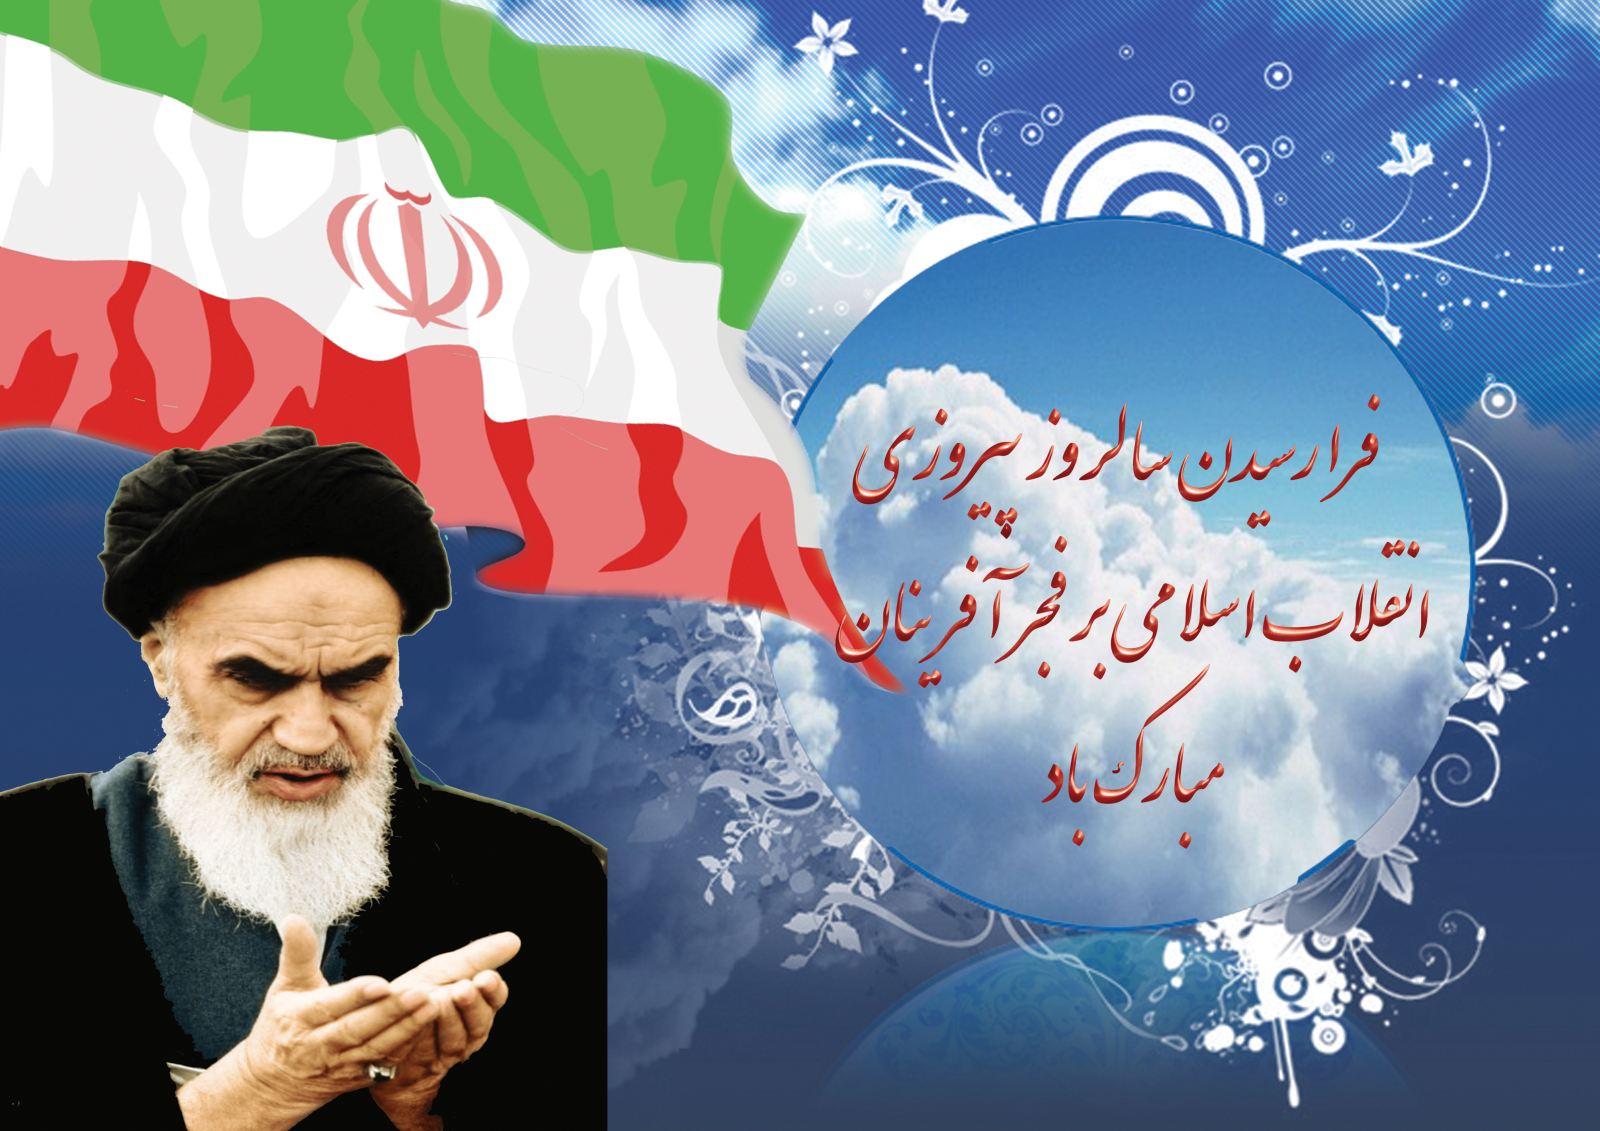 انقلاب ما انفجار نور بود(ویژه نامه گرامیداشت 22 بهمن ) پیروزی انقلاب اسلامی